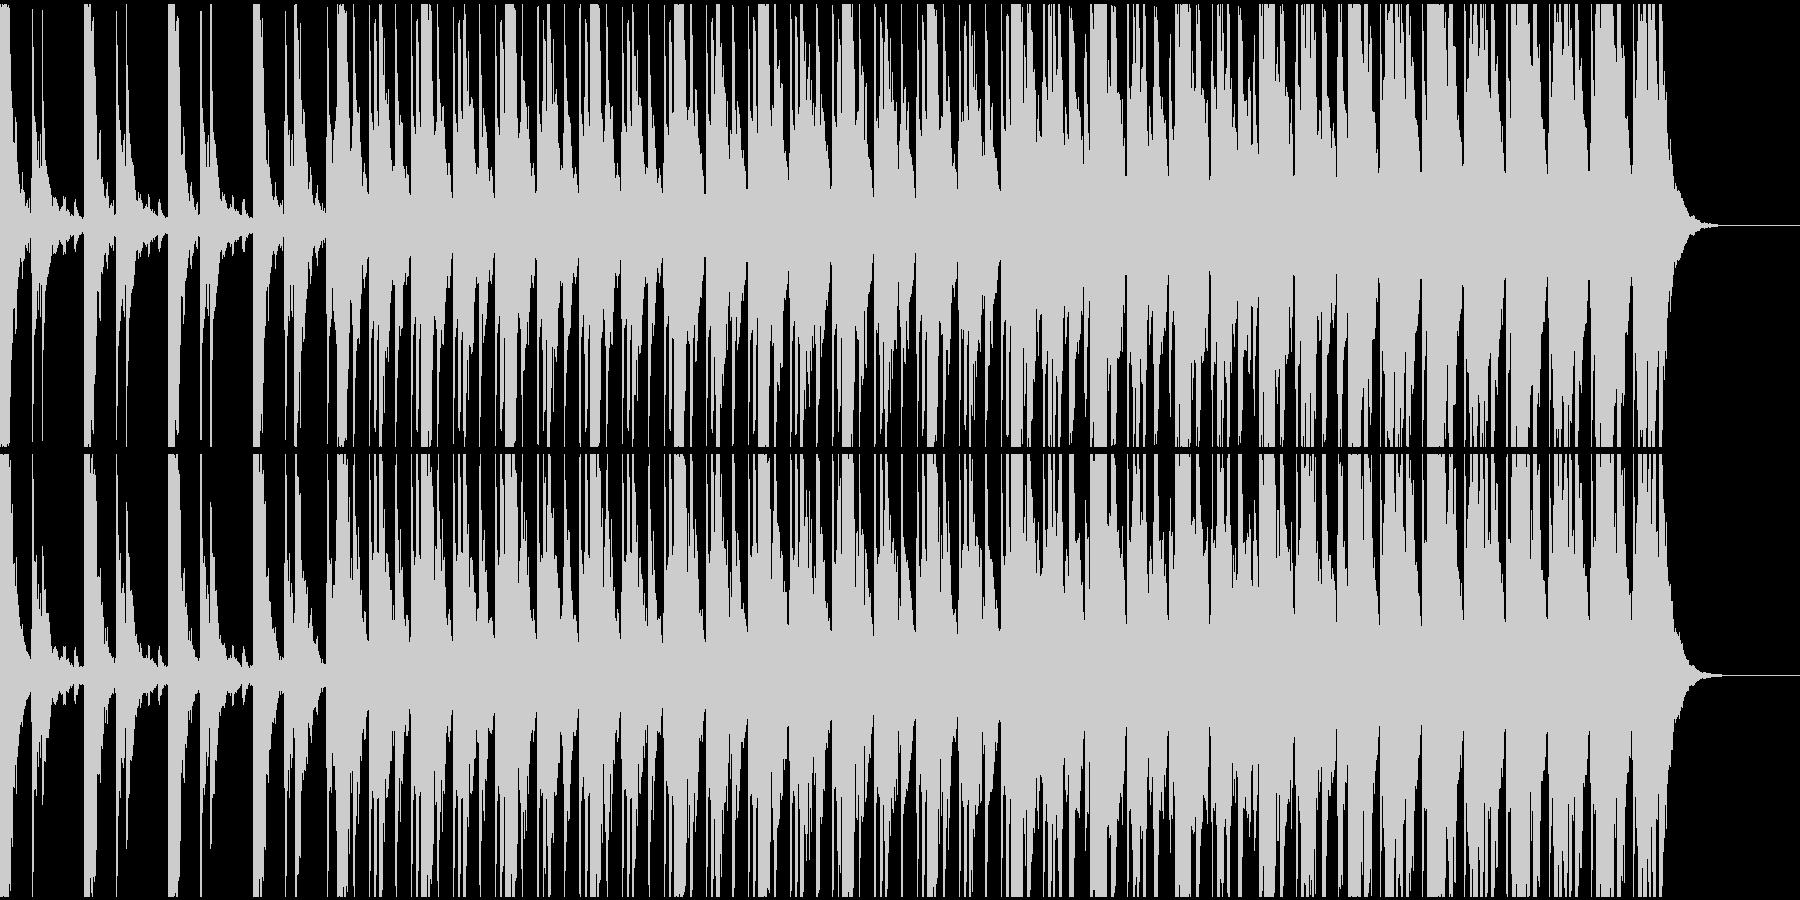 厳かな和太鼓メインのリズム楽曲の未再生の波形